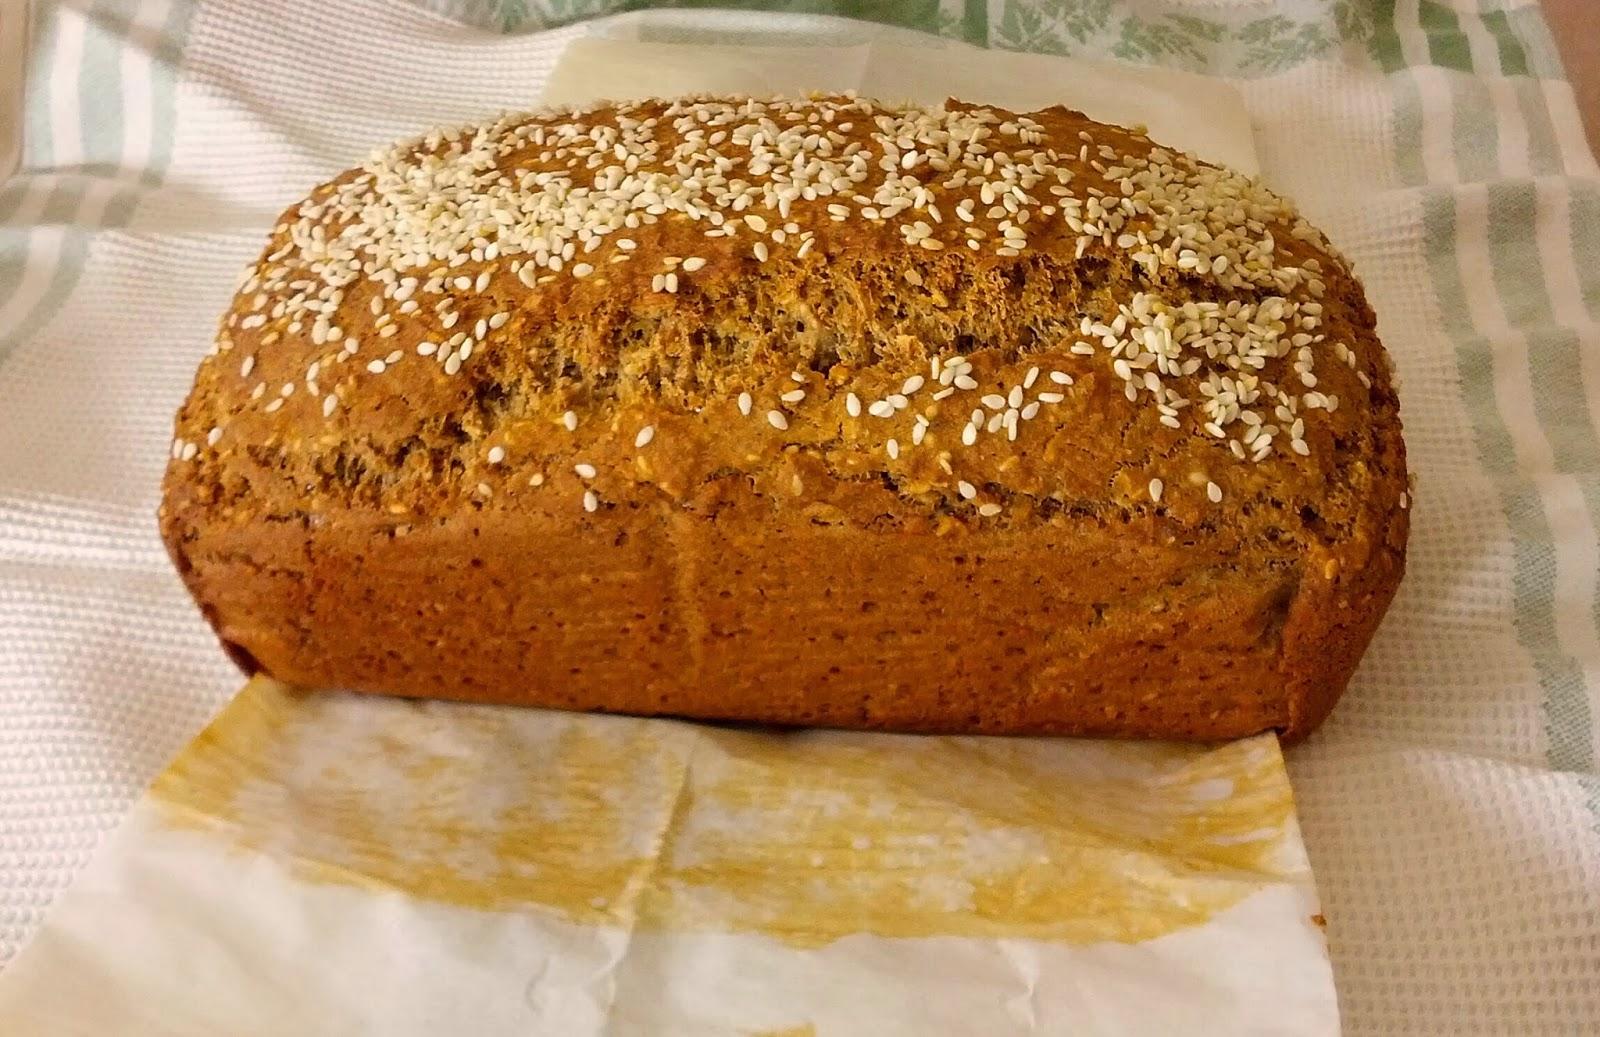 bread gluten free multi grain delicious gluten free sandwich home free ...